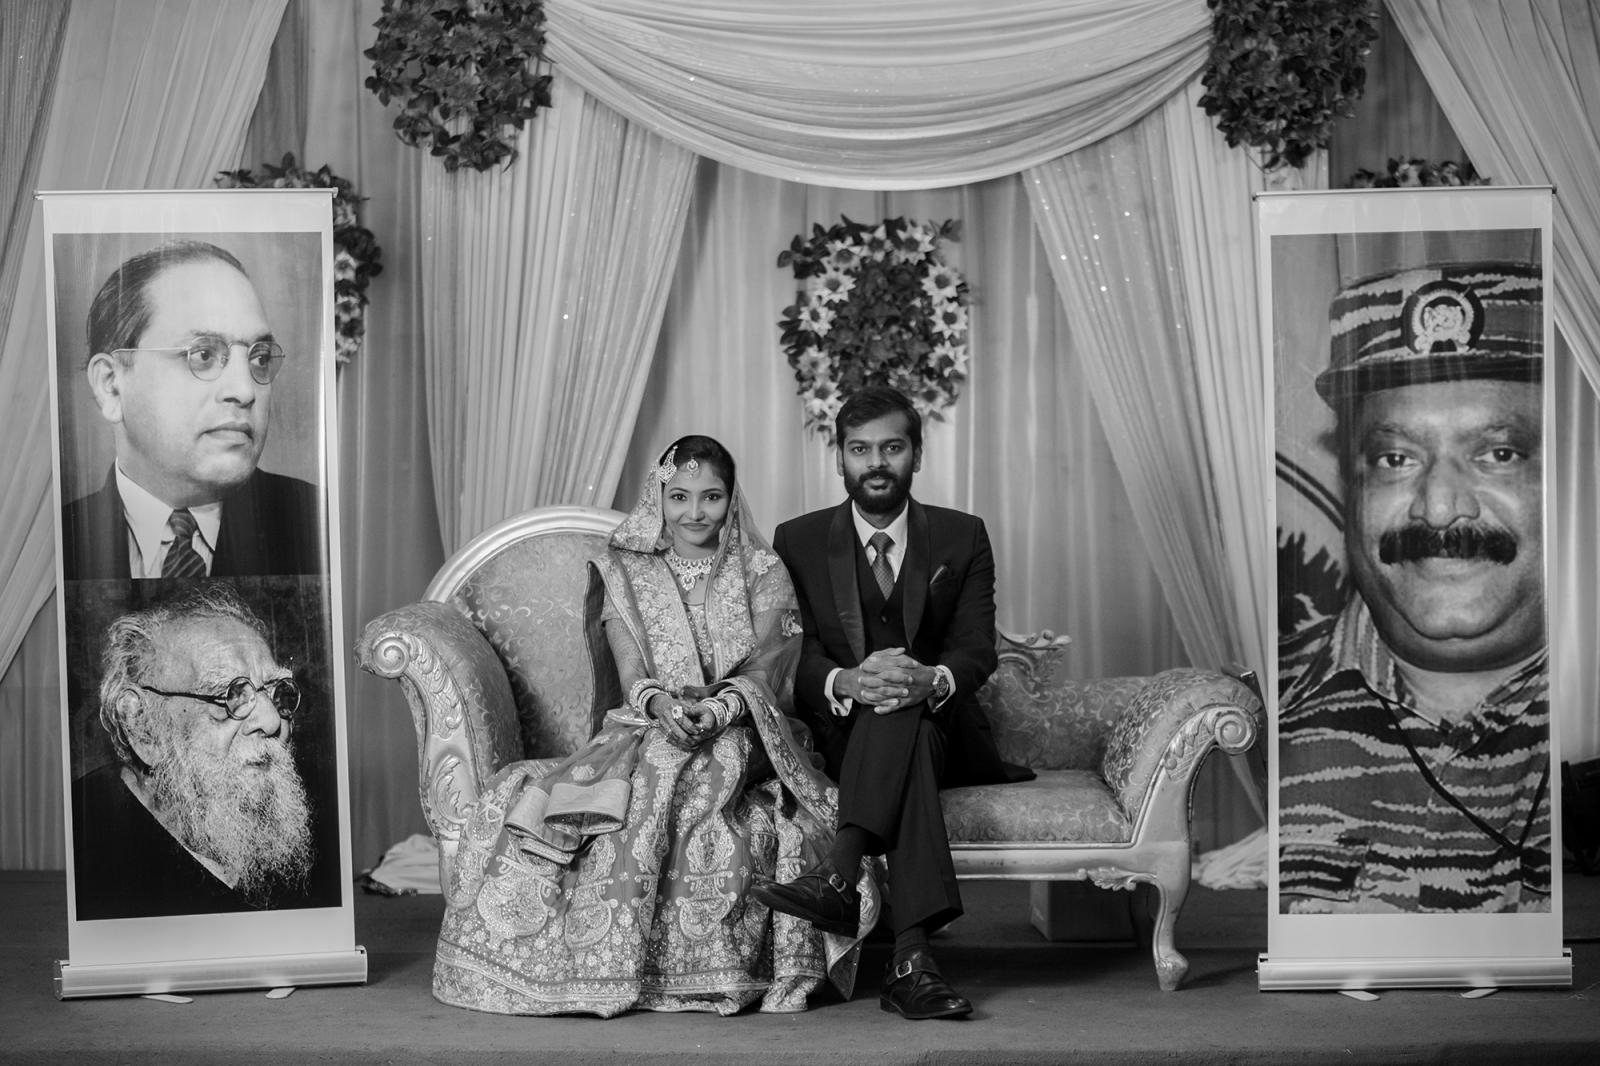 Photography image - Loading mumbai_wedding__destination_wedding__chennai__pondicherry__tamil__royal_wedding_stories__wedding_documentary___mouhamed_moustapha__888.jpg